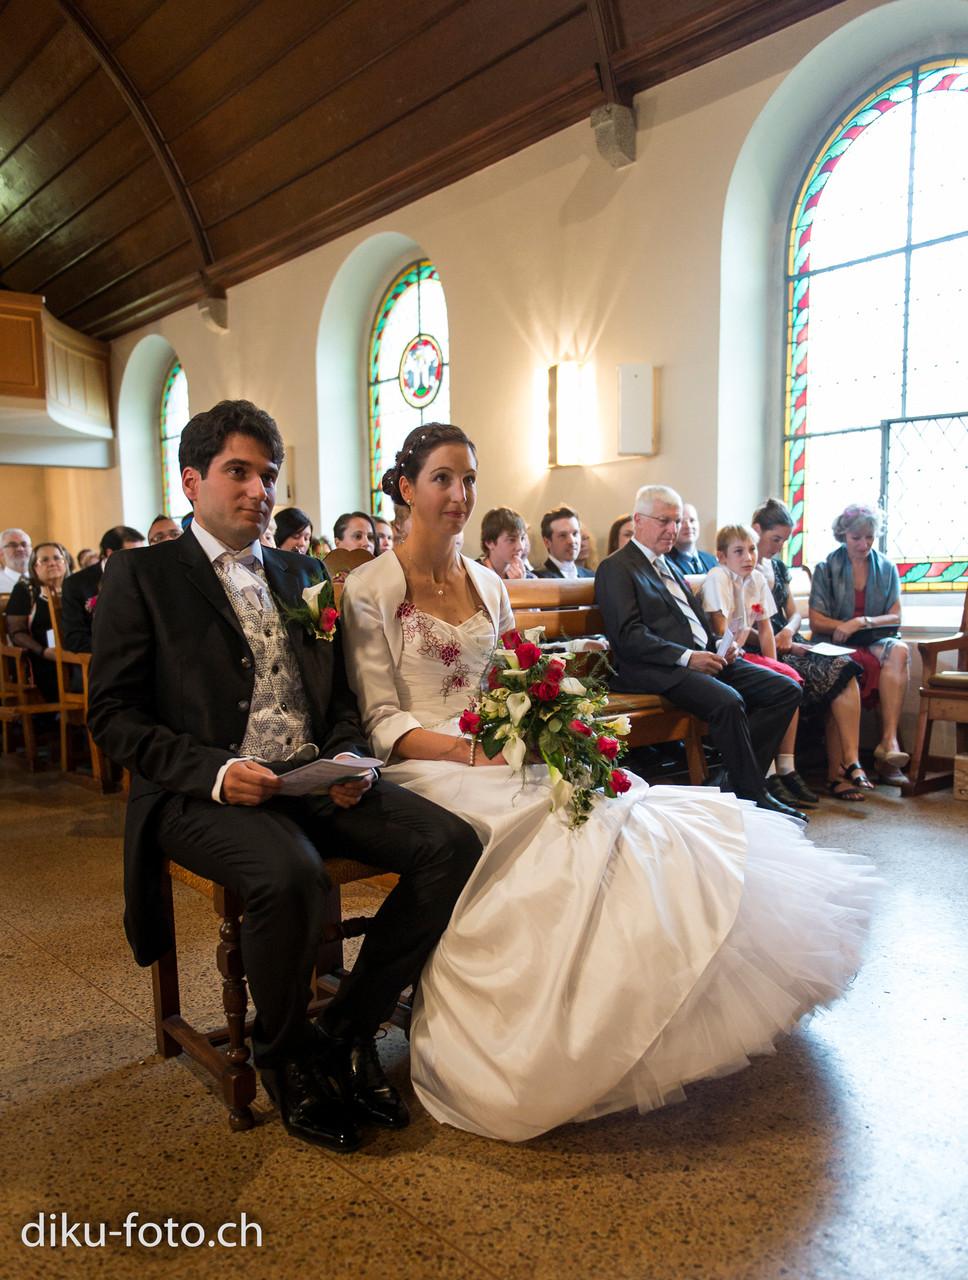 Brautleute in der Kirche